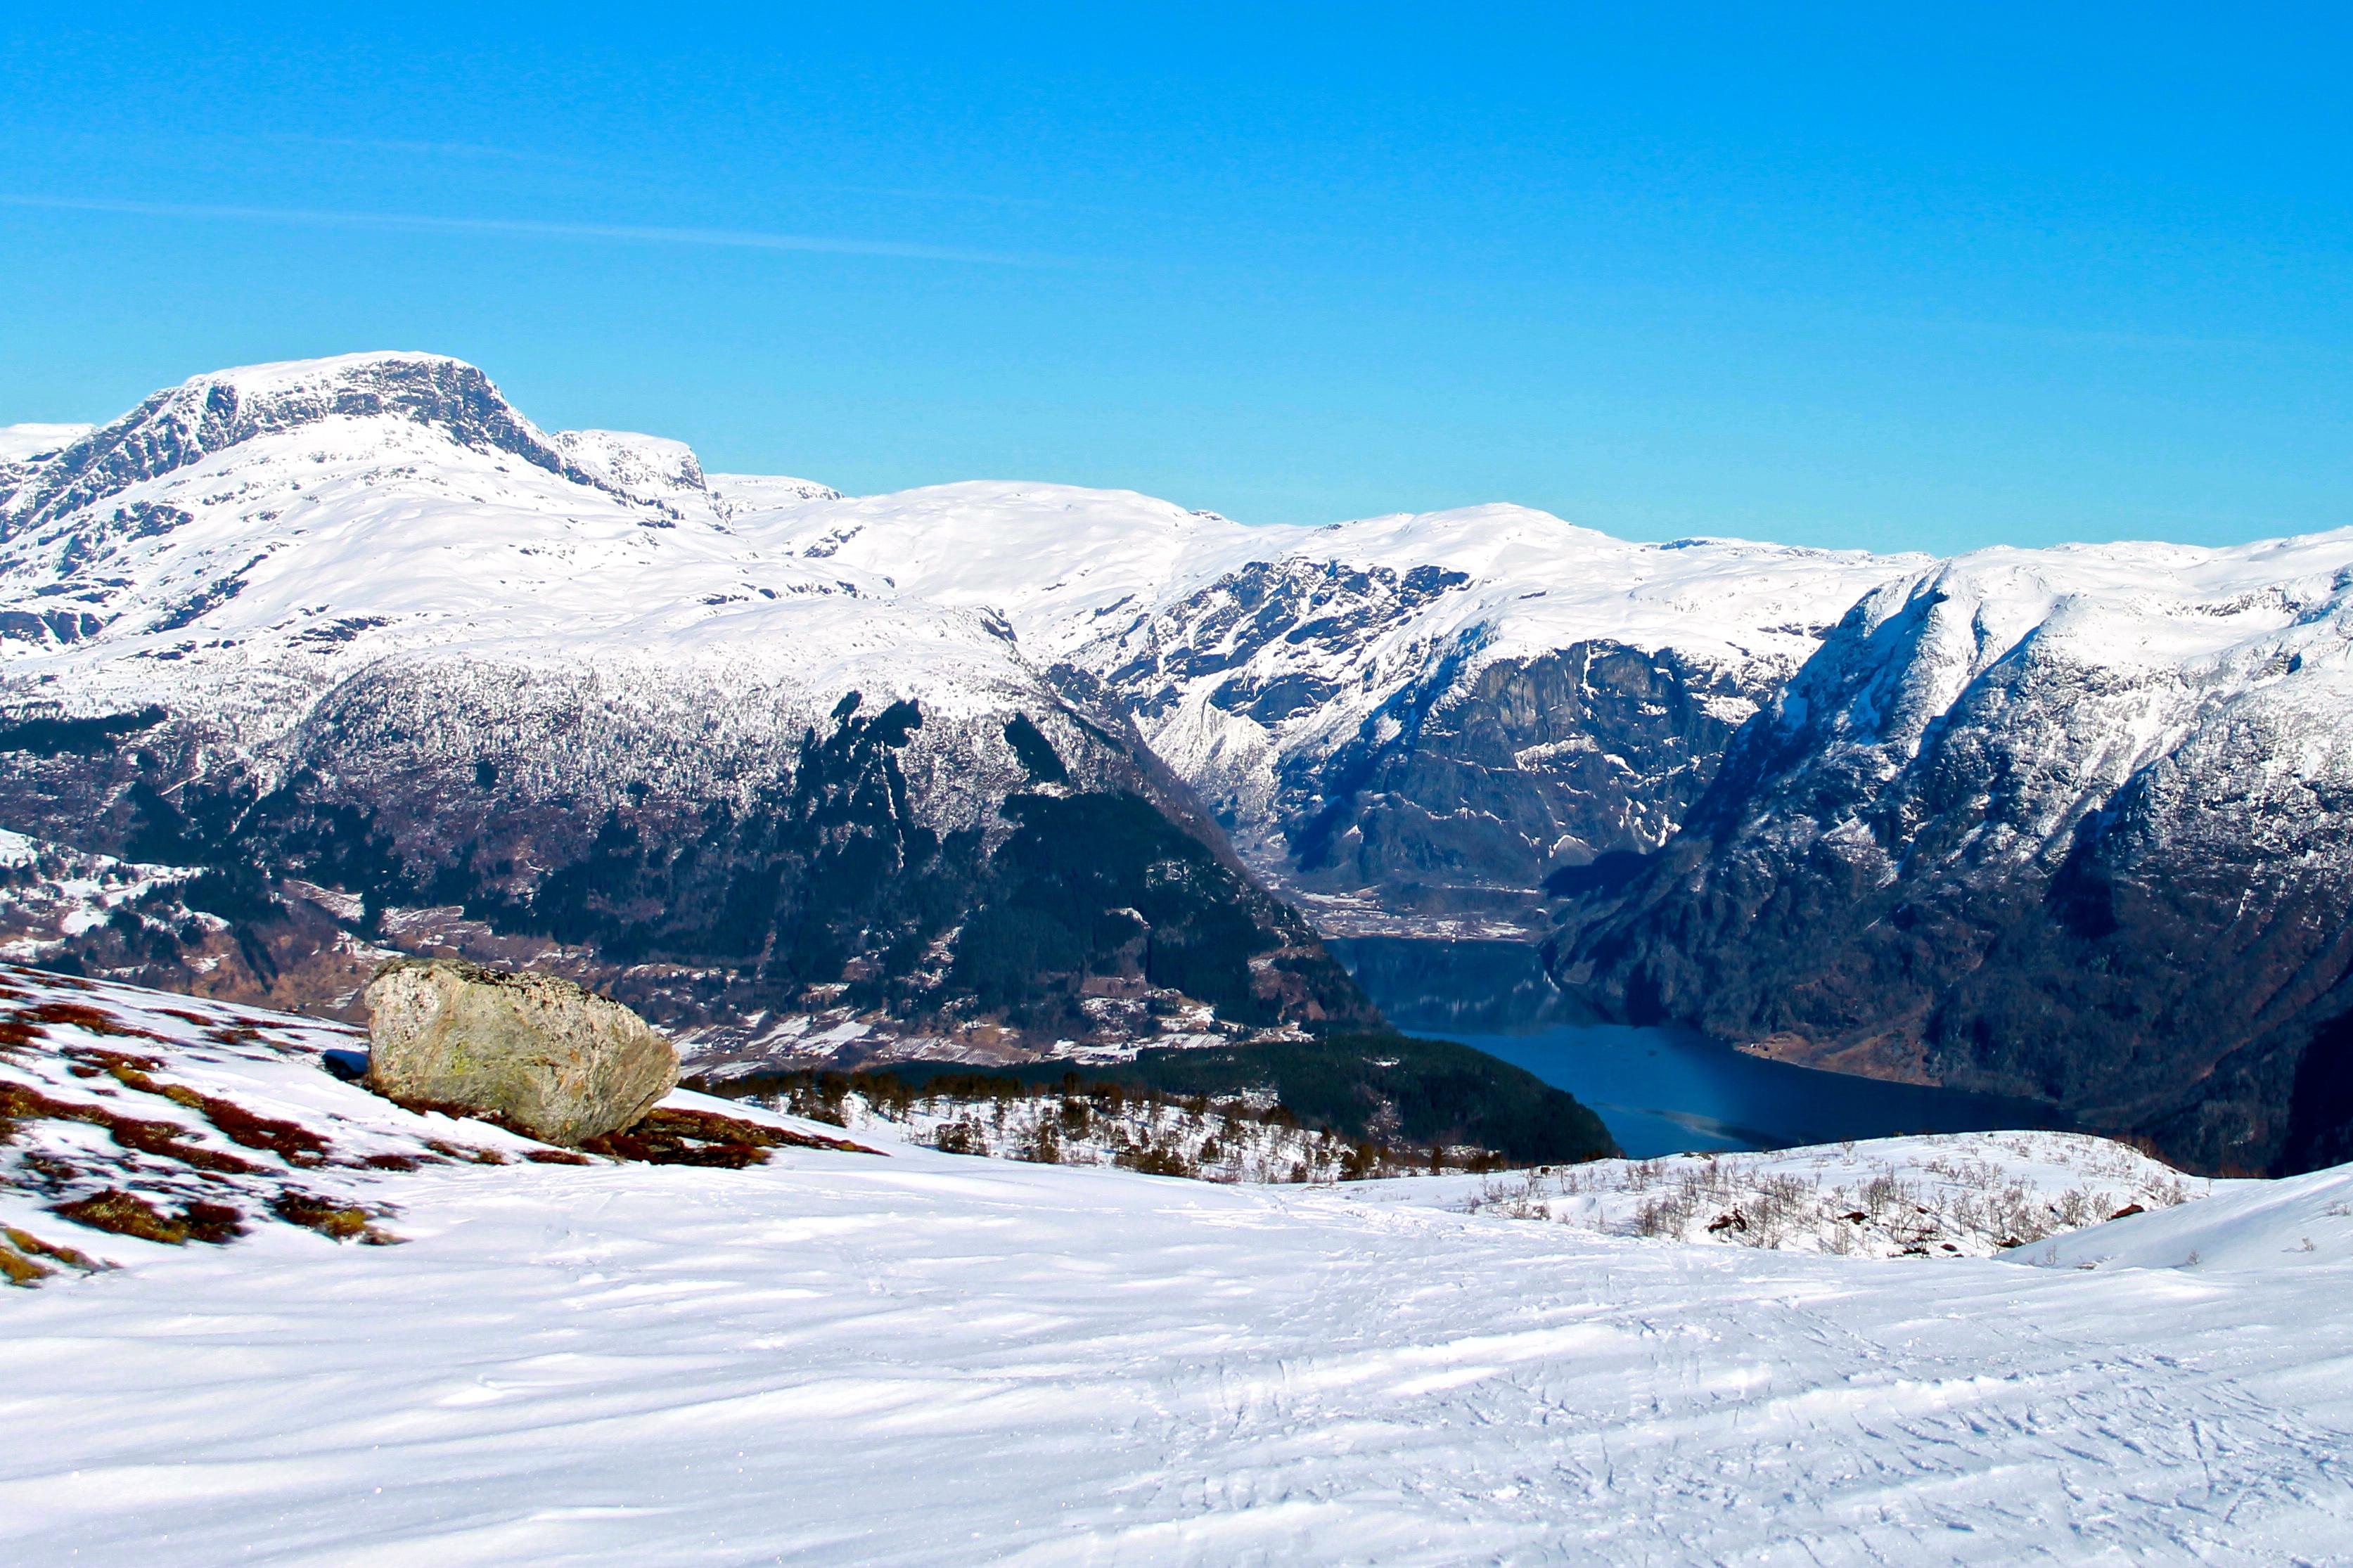 Vassfjøra bak til venstre i bildet, med Osa innerst i Osafjorden.